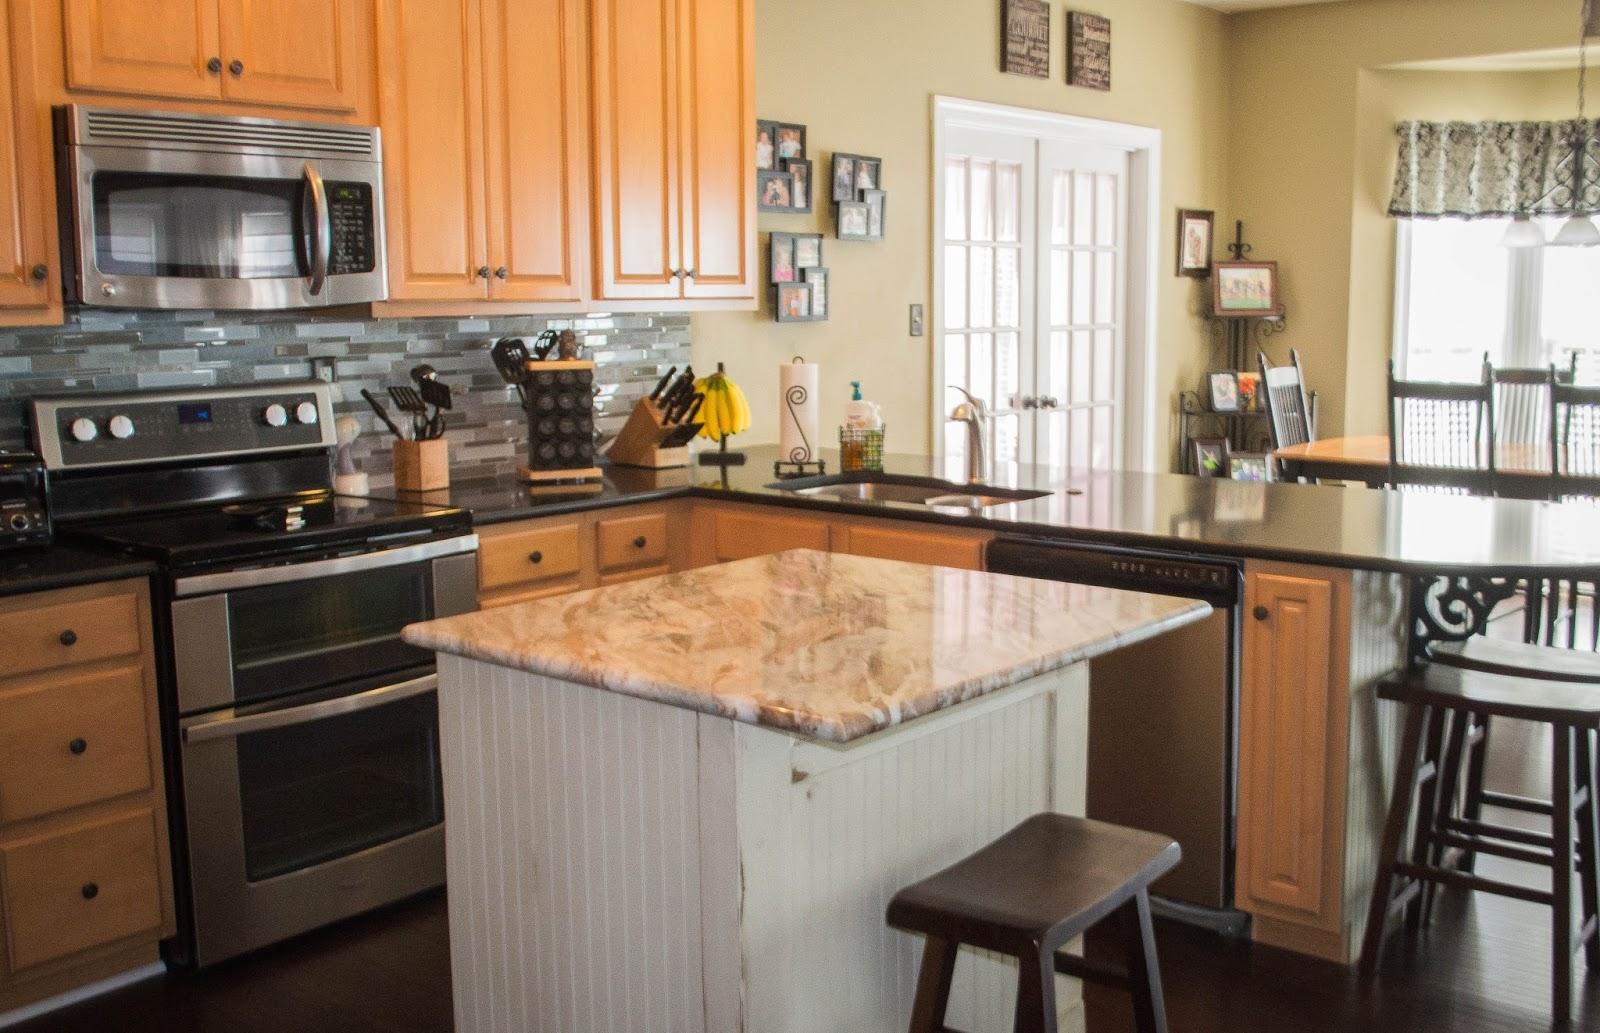 Nosey Neighbor Kitchen Redo #2